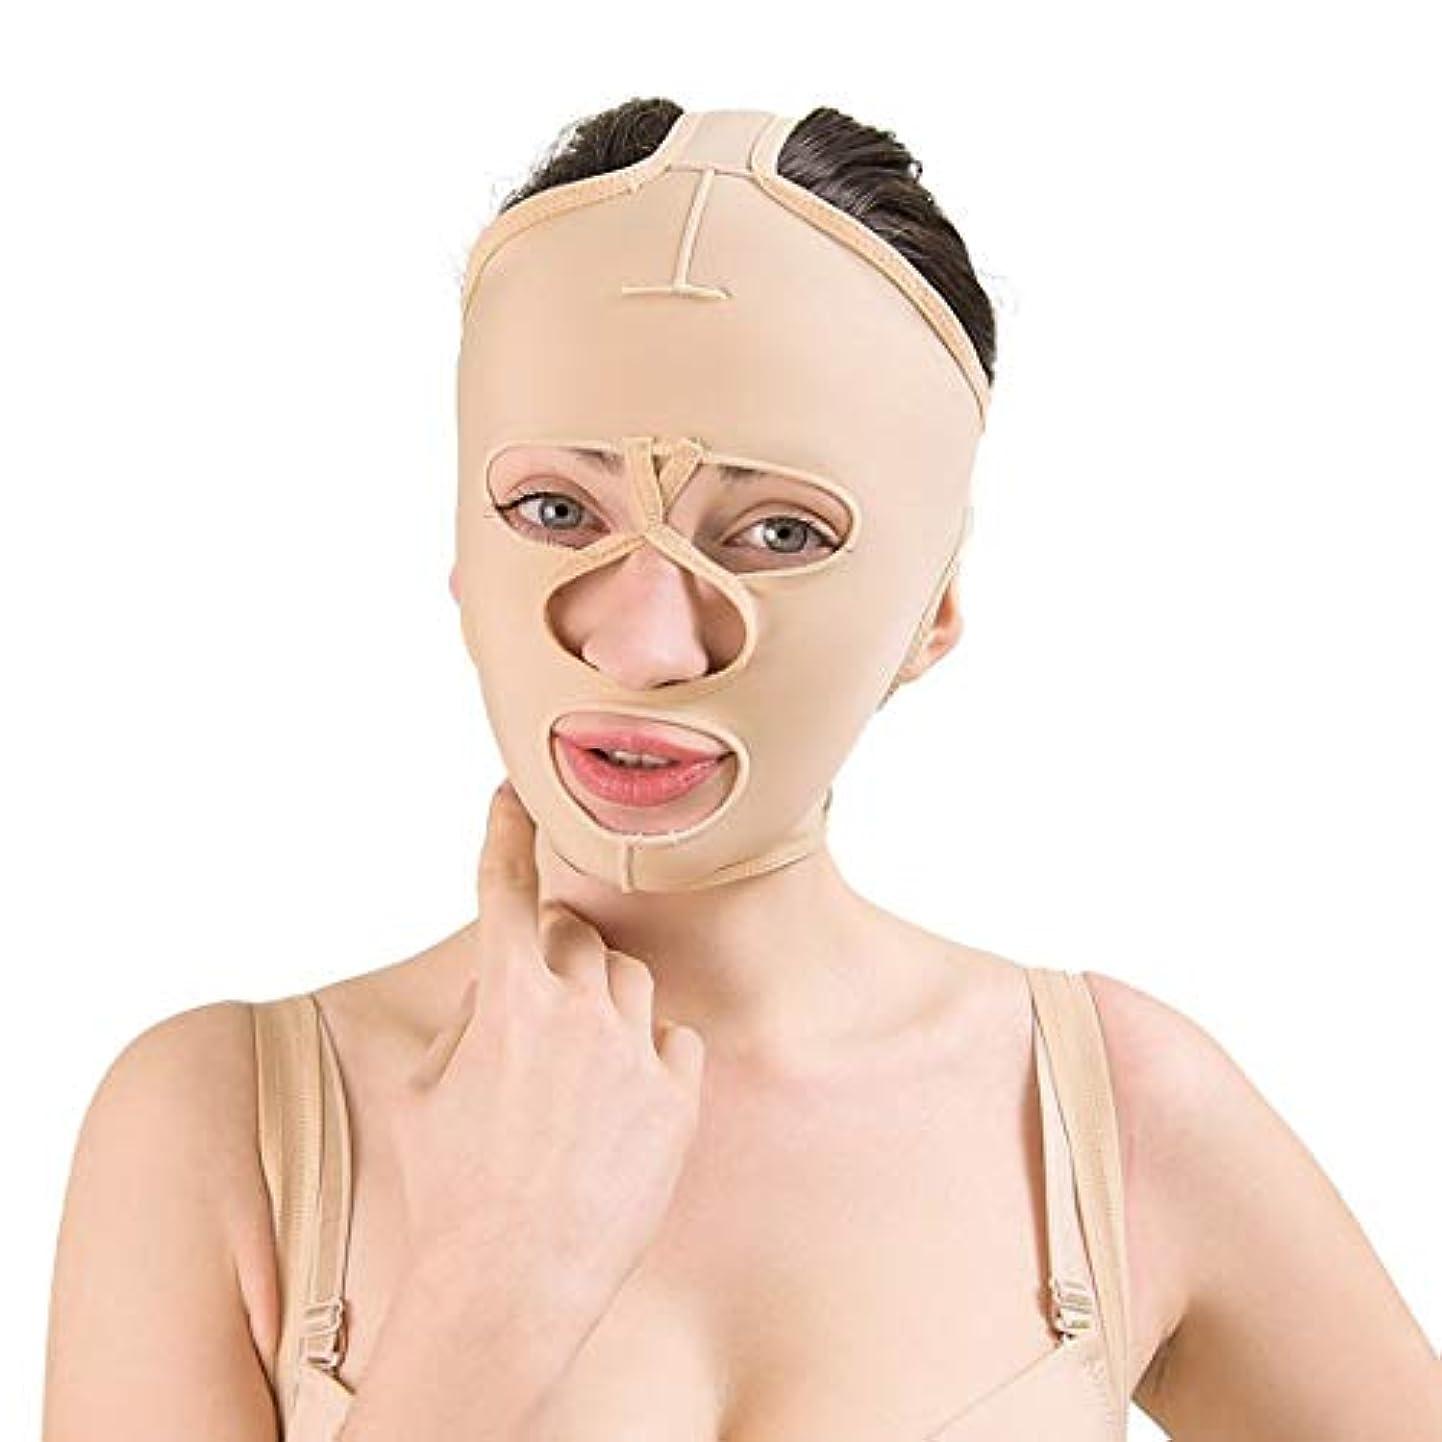 アルカイックモトリー背骨ZWBD フェイスマスク, フェイスリフト包帯医療弾性スリーブ顔面下顎形成外科術後圧縮下顎スリーブ補助修復マスクしわを削除する (Size : S)